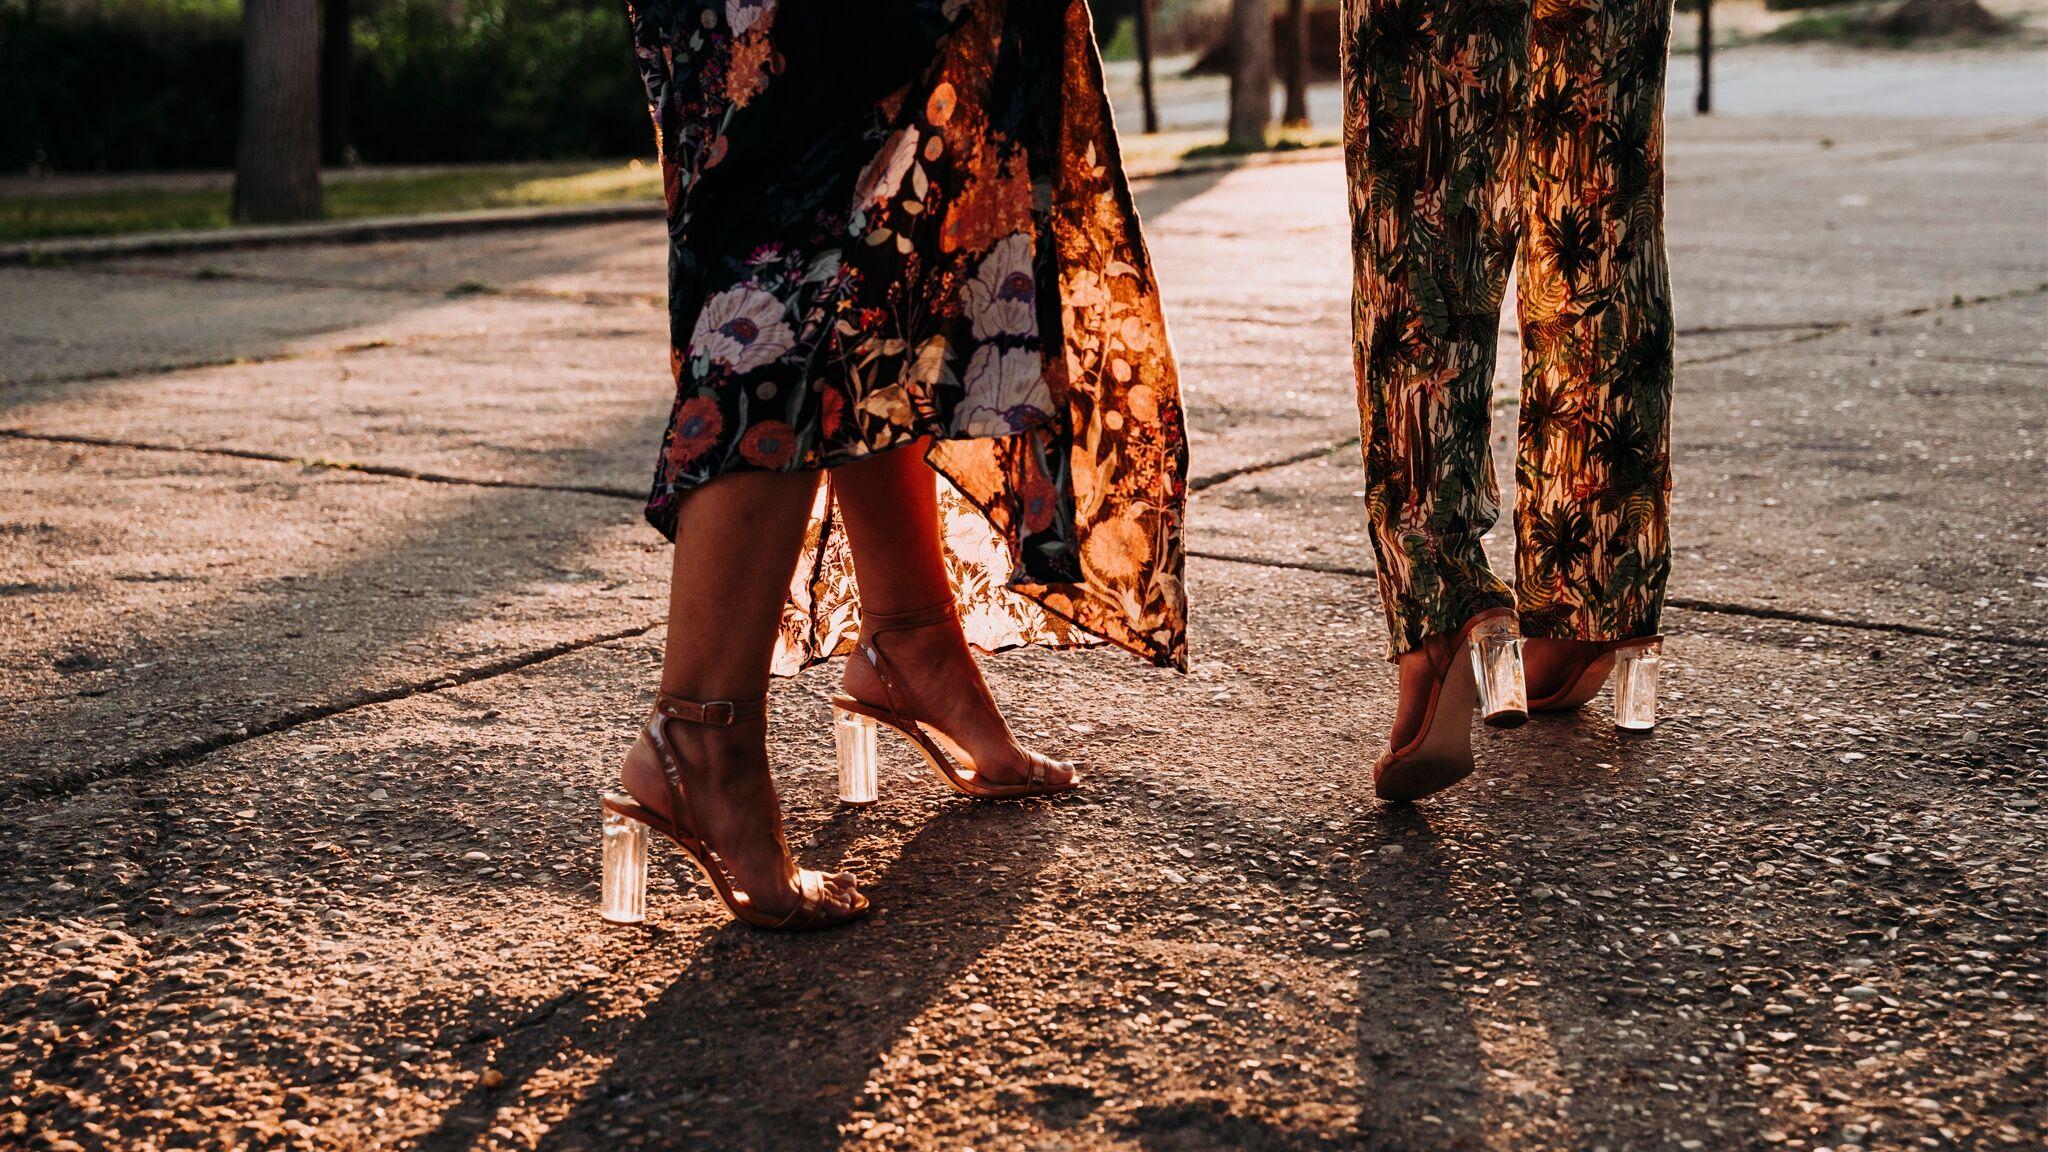 Tendance chaussures 2020 : quels talons porter cet été ? Voici